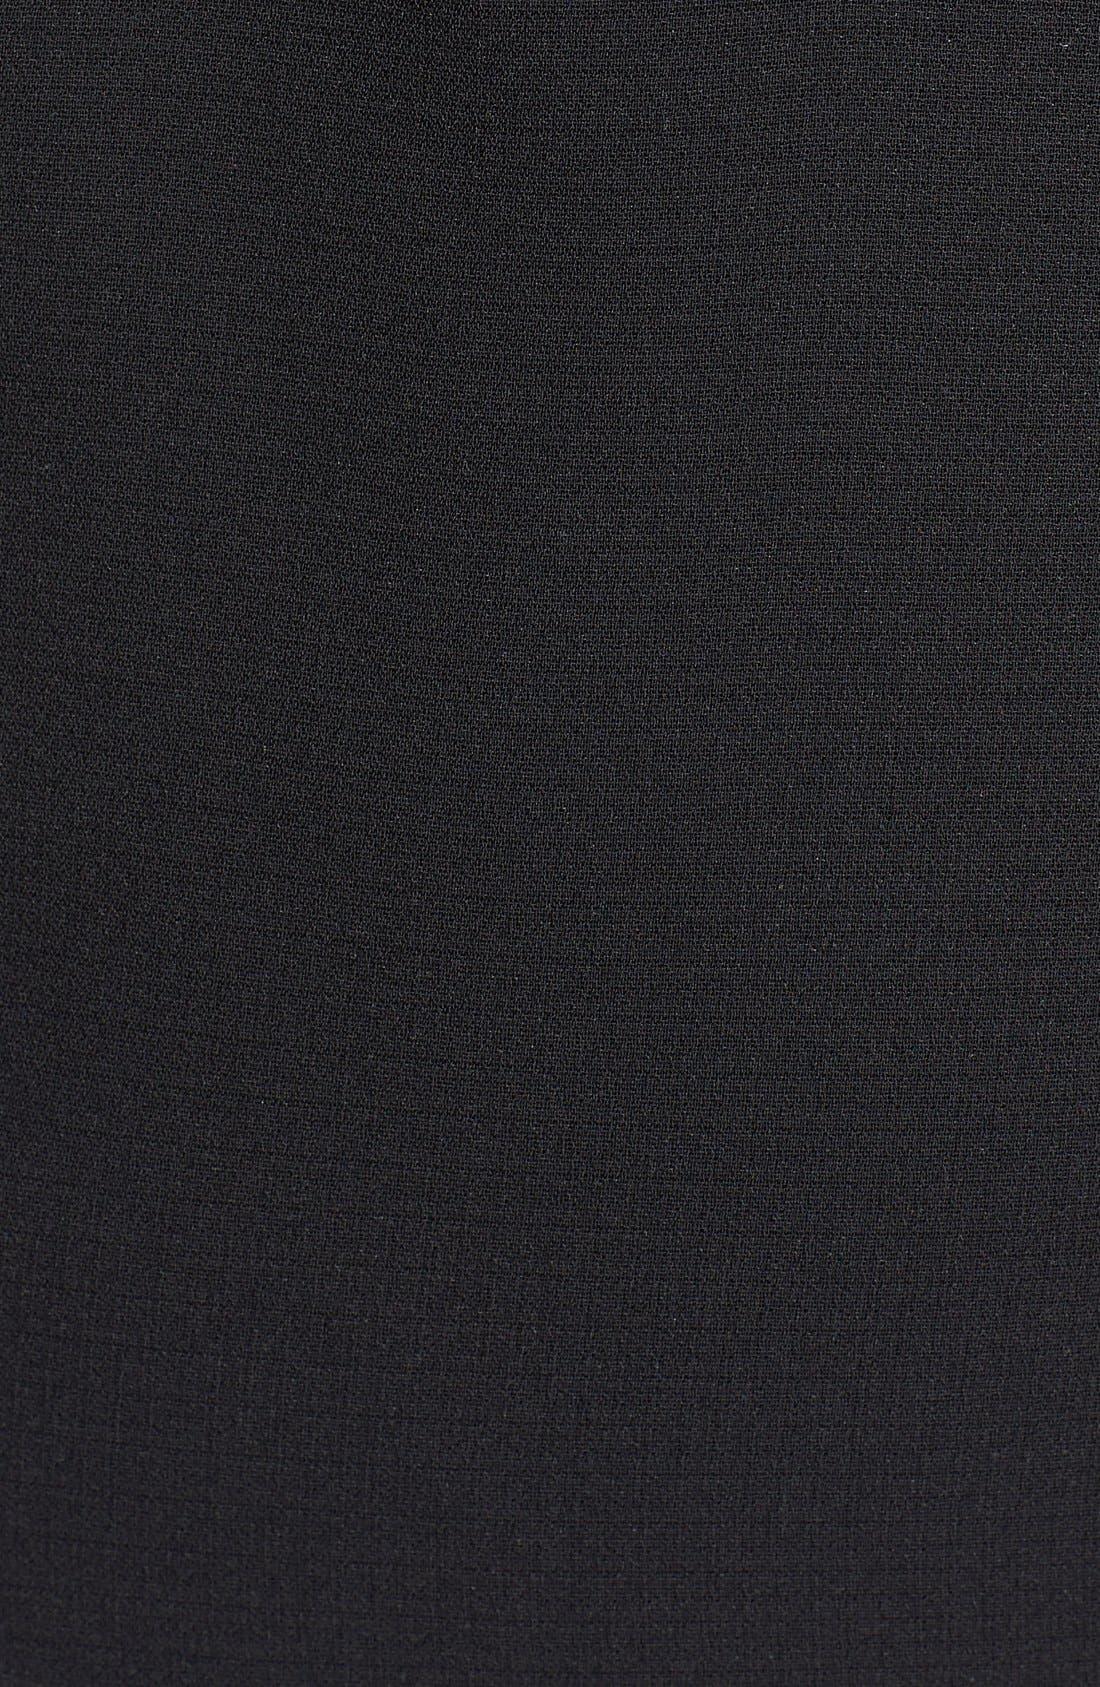 Alternate Image 4  - Tahari by ASL Sleeveless Crepe Sheath with Beaded Jacket (Plus Size)